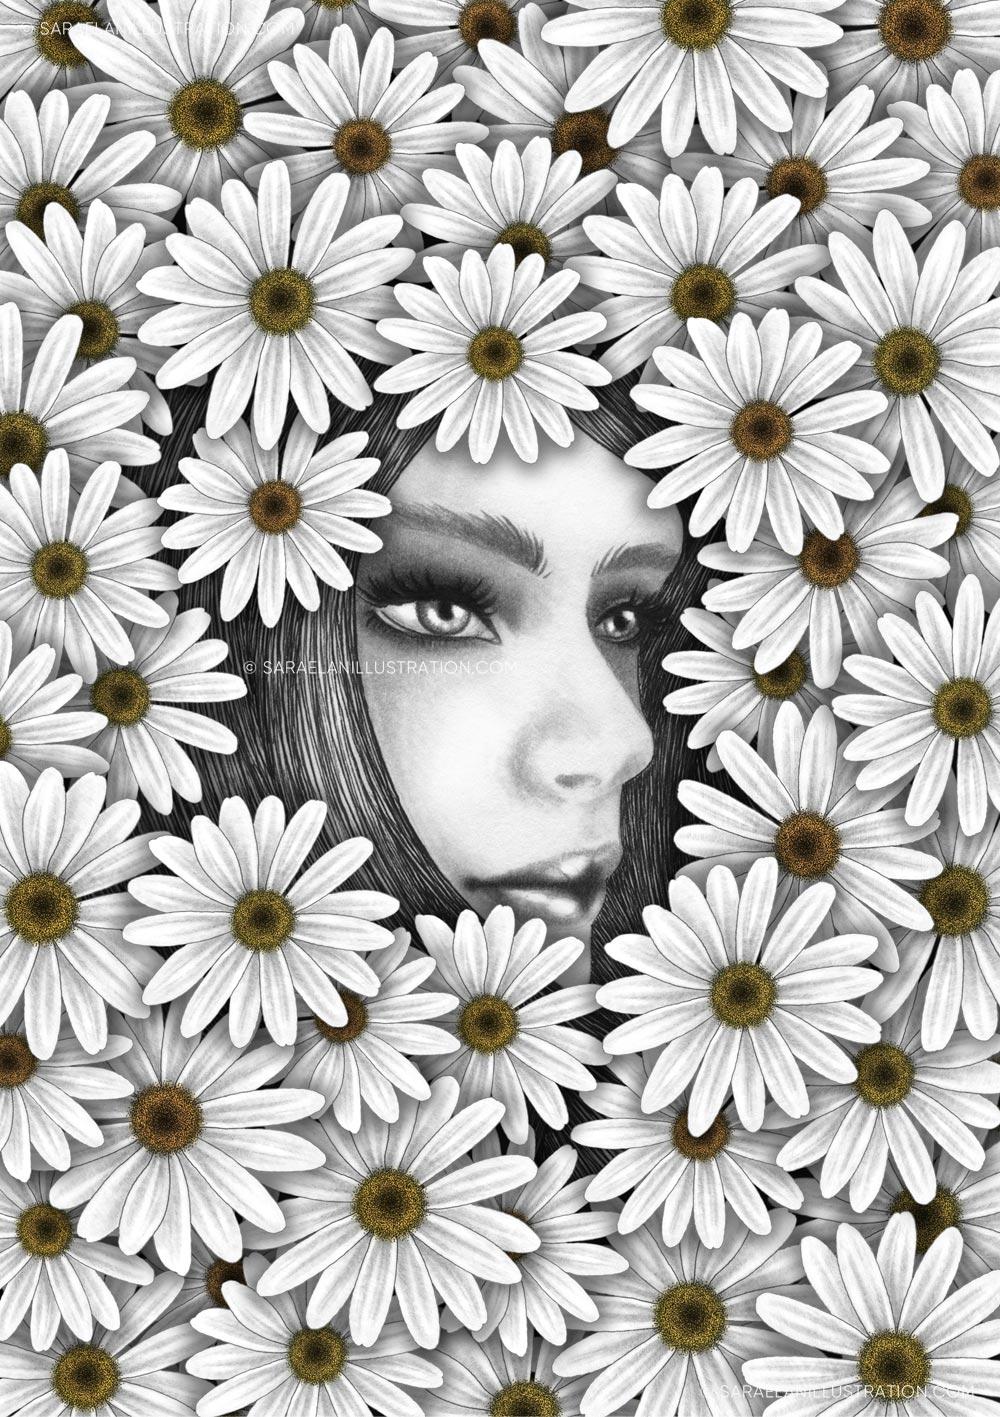 Illustrazioni-di-ragazze-con-fiori-ragazze-fiorite-margherite